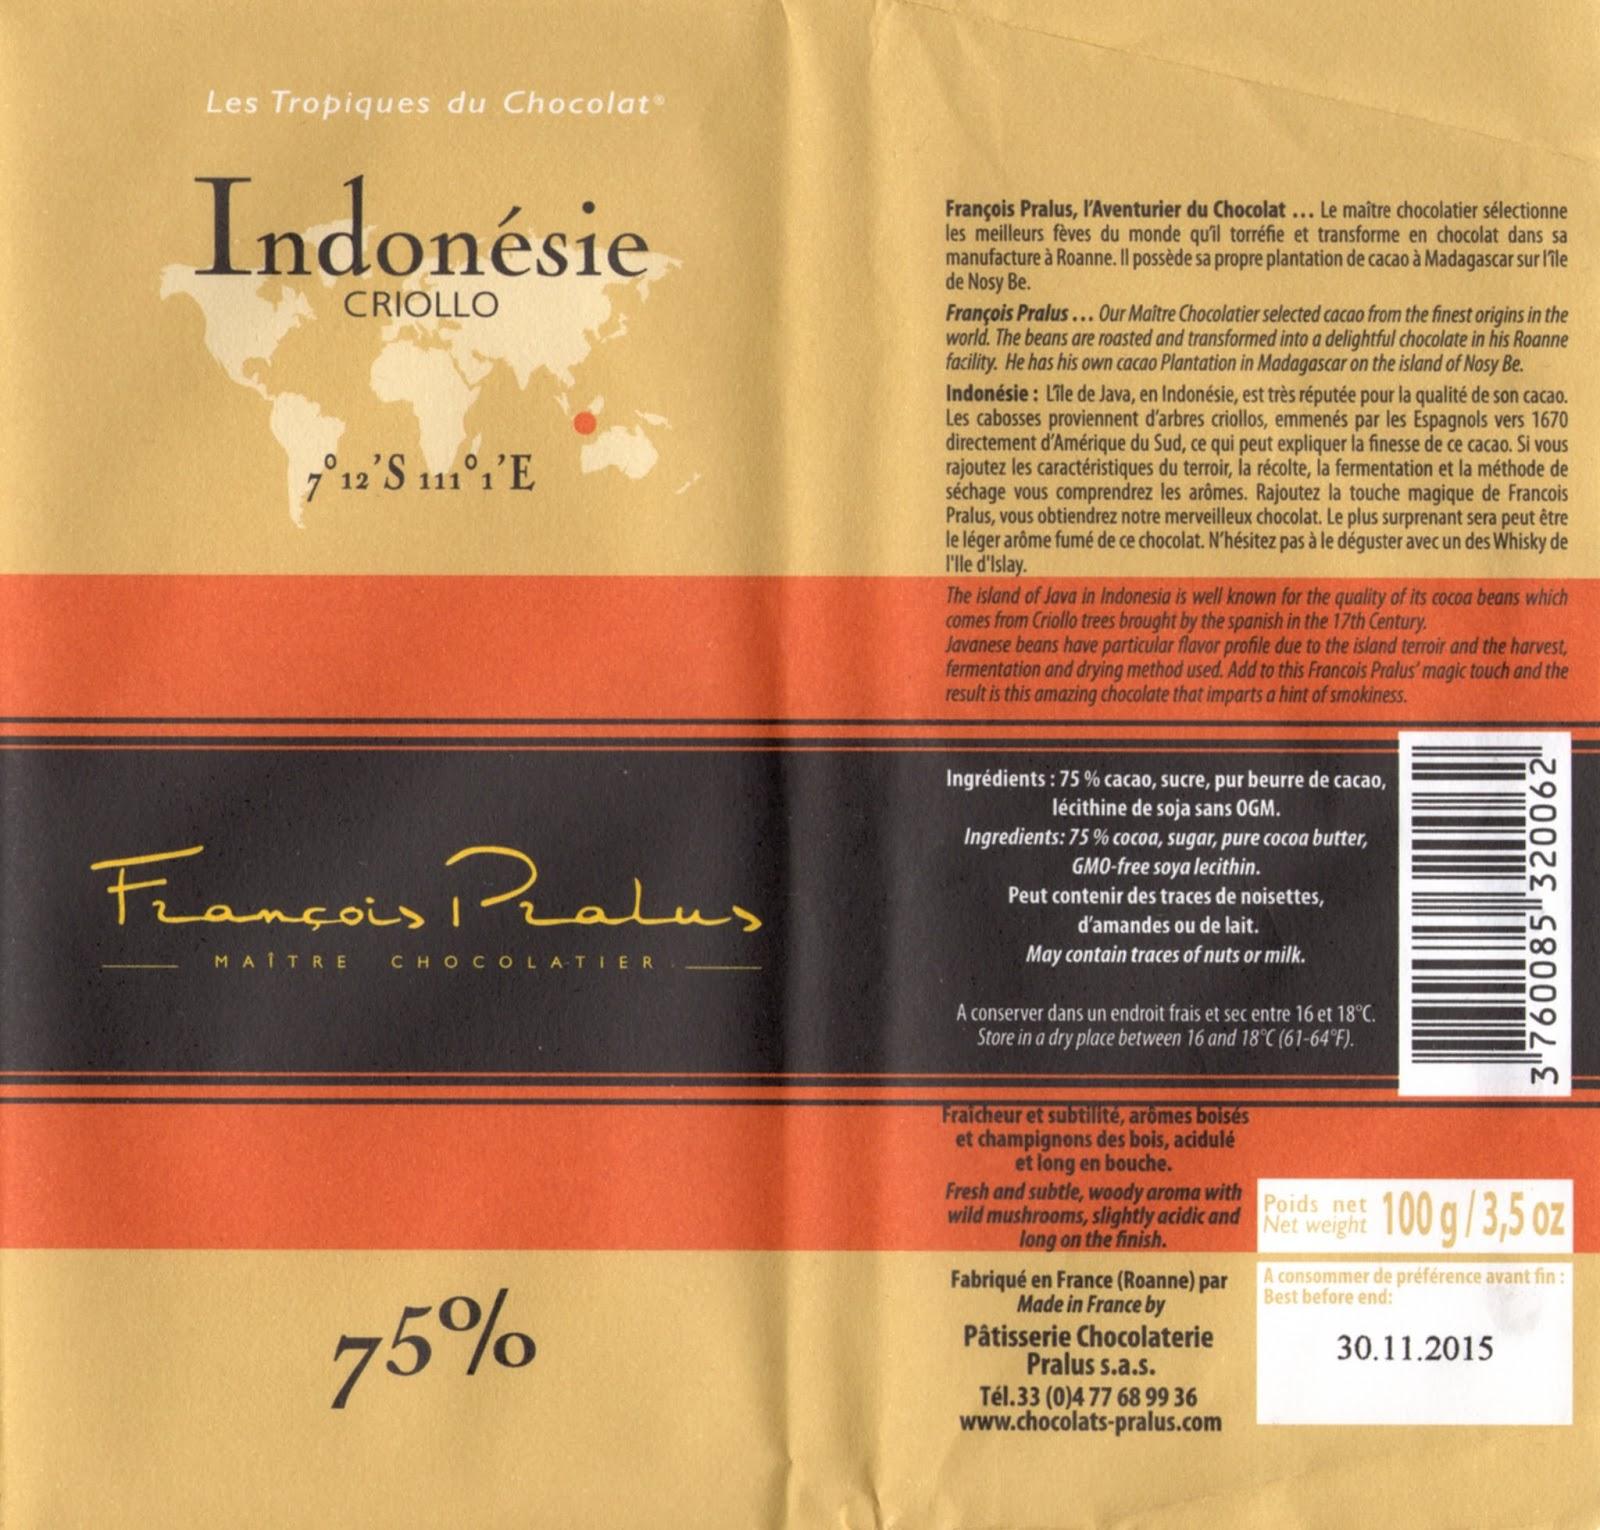 tablette de chocolat noir dégustation pralus noir indonésie criollo 75